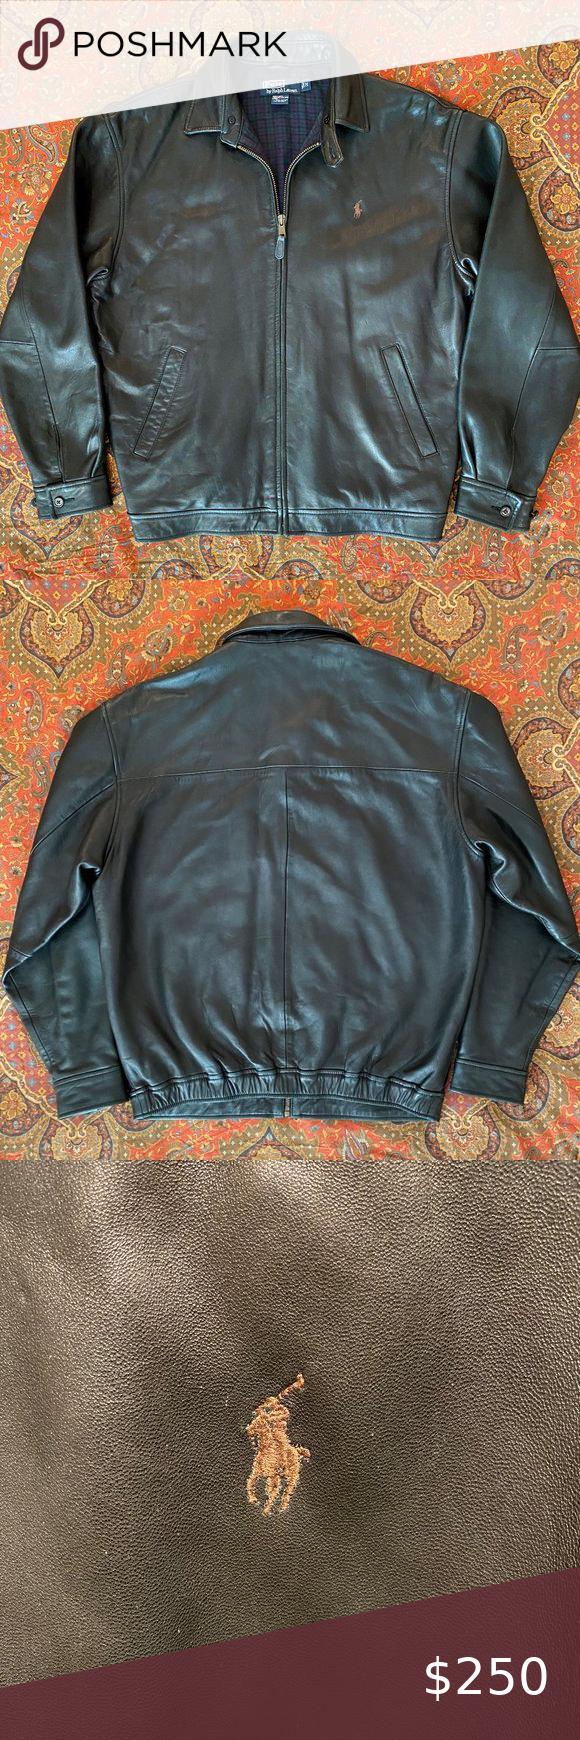 Ralph Lauren Men S Lambskin Leather Jacket Lambskin Leather Jacket Lambskin Leather Leather [ 1740 x 580 Pixel ]